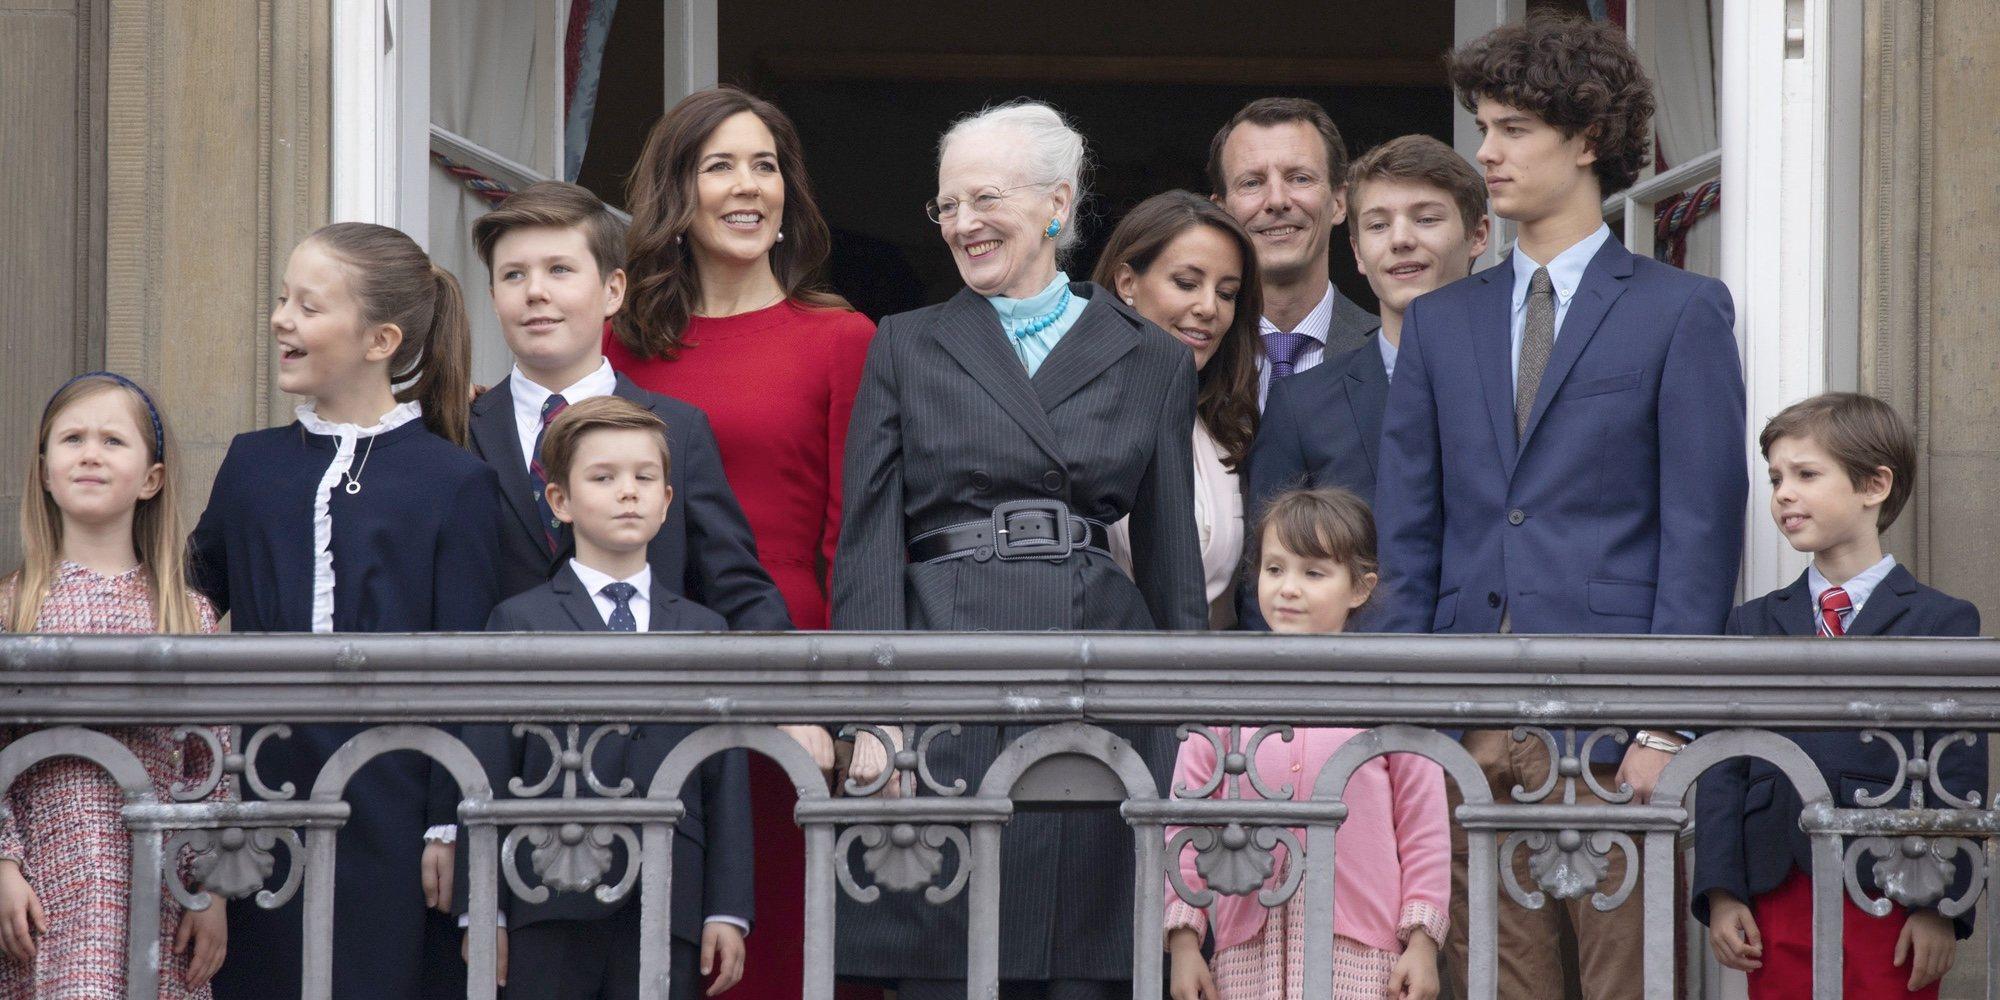 La Familia Real Danesa anuncia sus planes para la atípica Navidad 2020